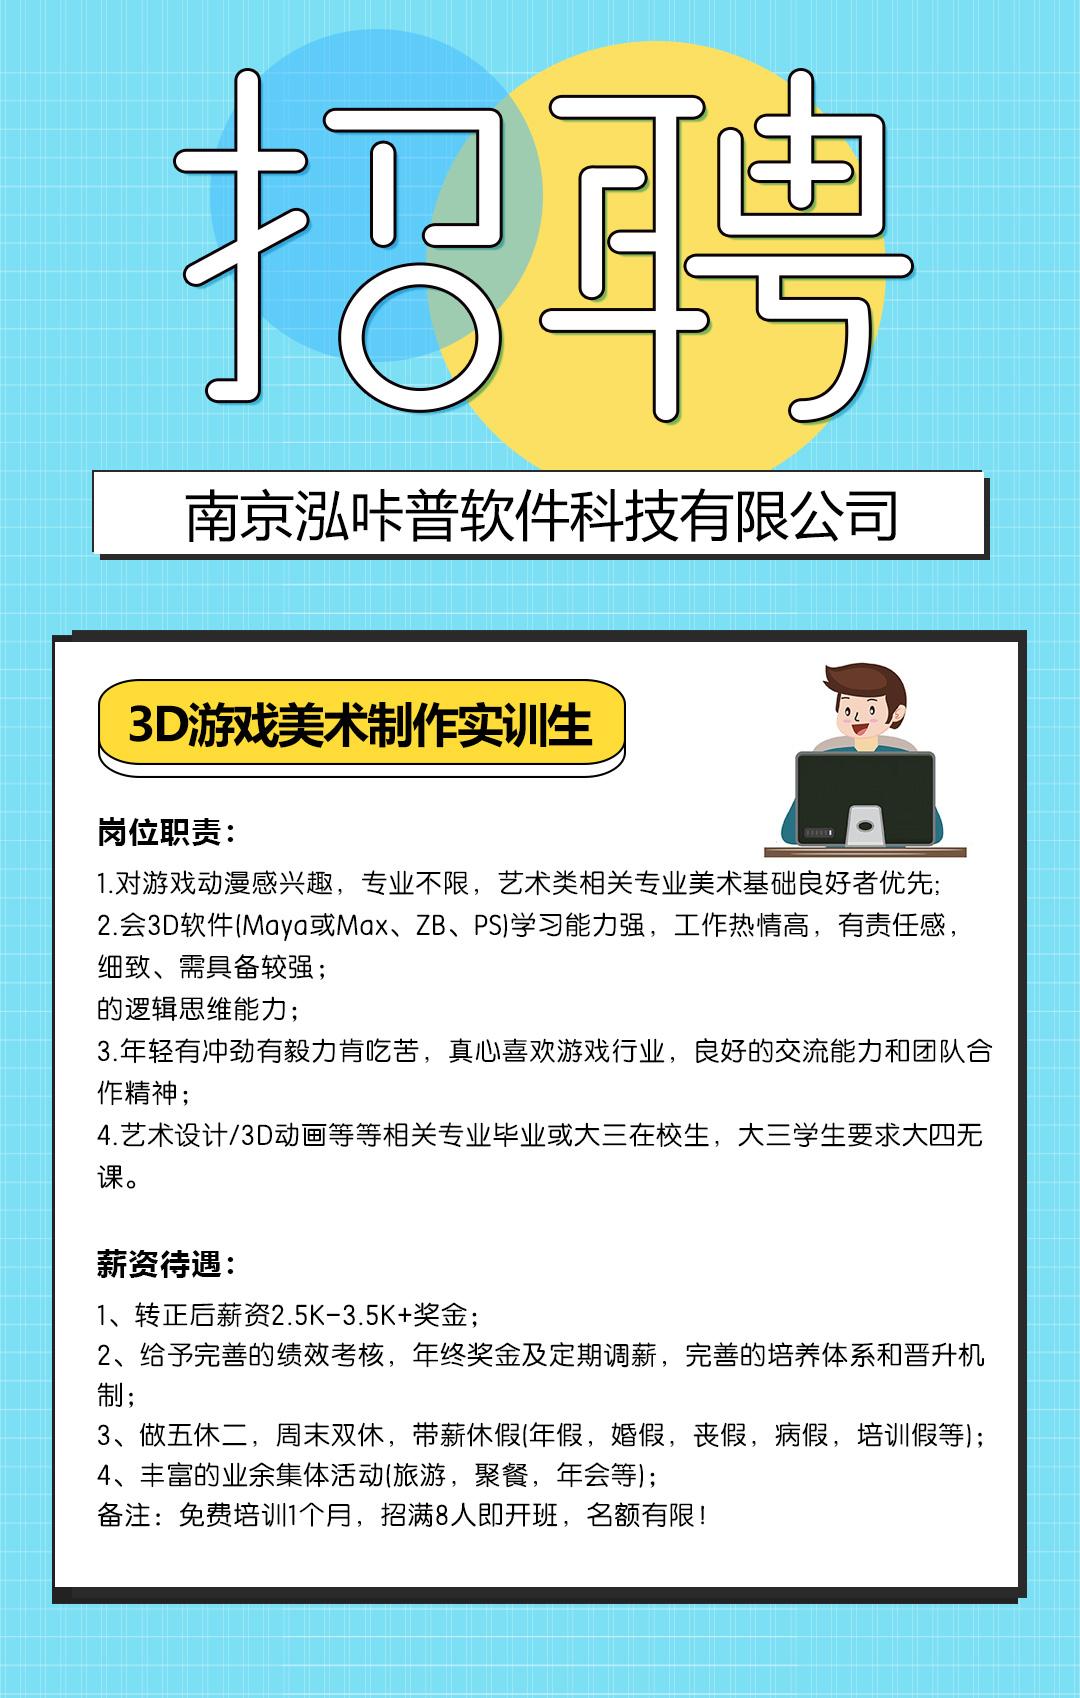 南京泓咔普软件科技有限公司